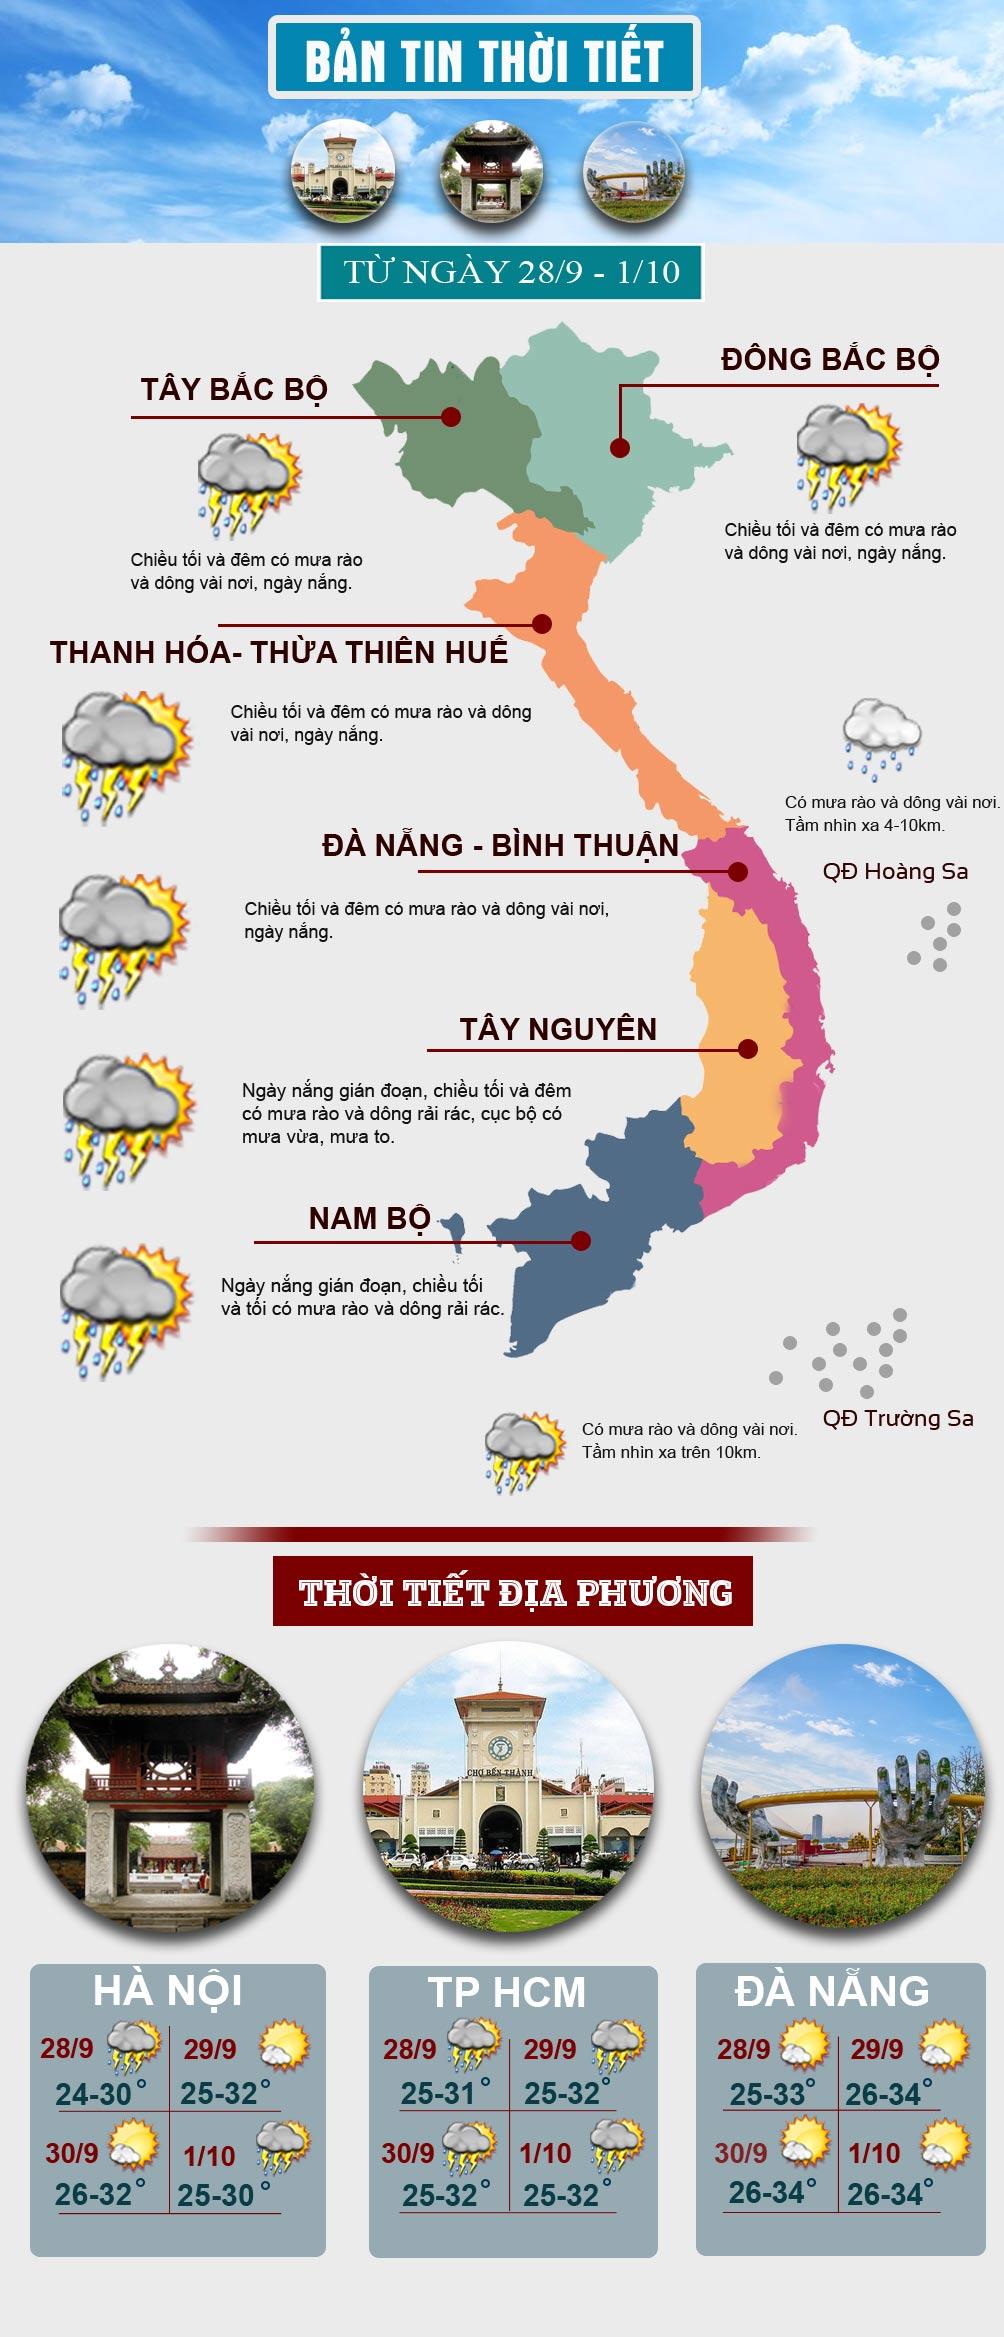 Miền Bắc mưa nắng đan xen, cảnh báo lũ quét, sạt lở đất ở vùng núi - 1